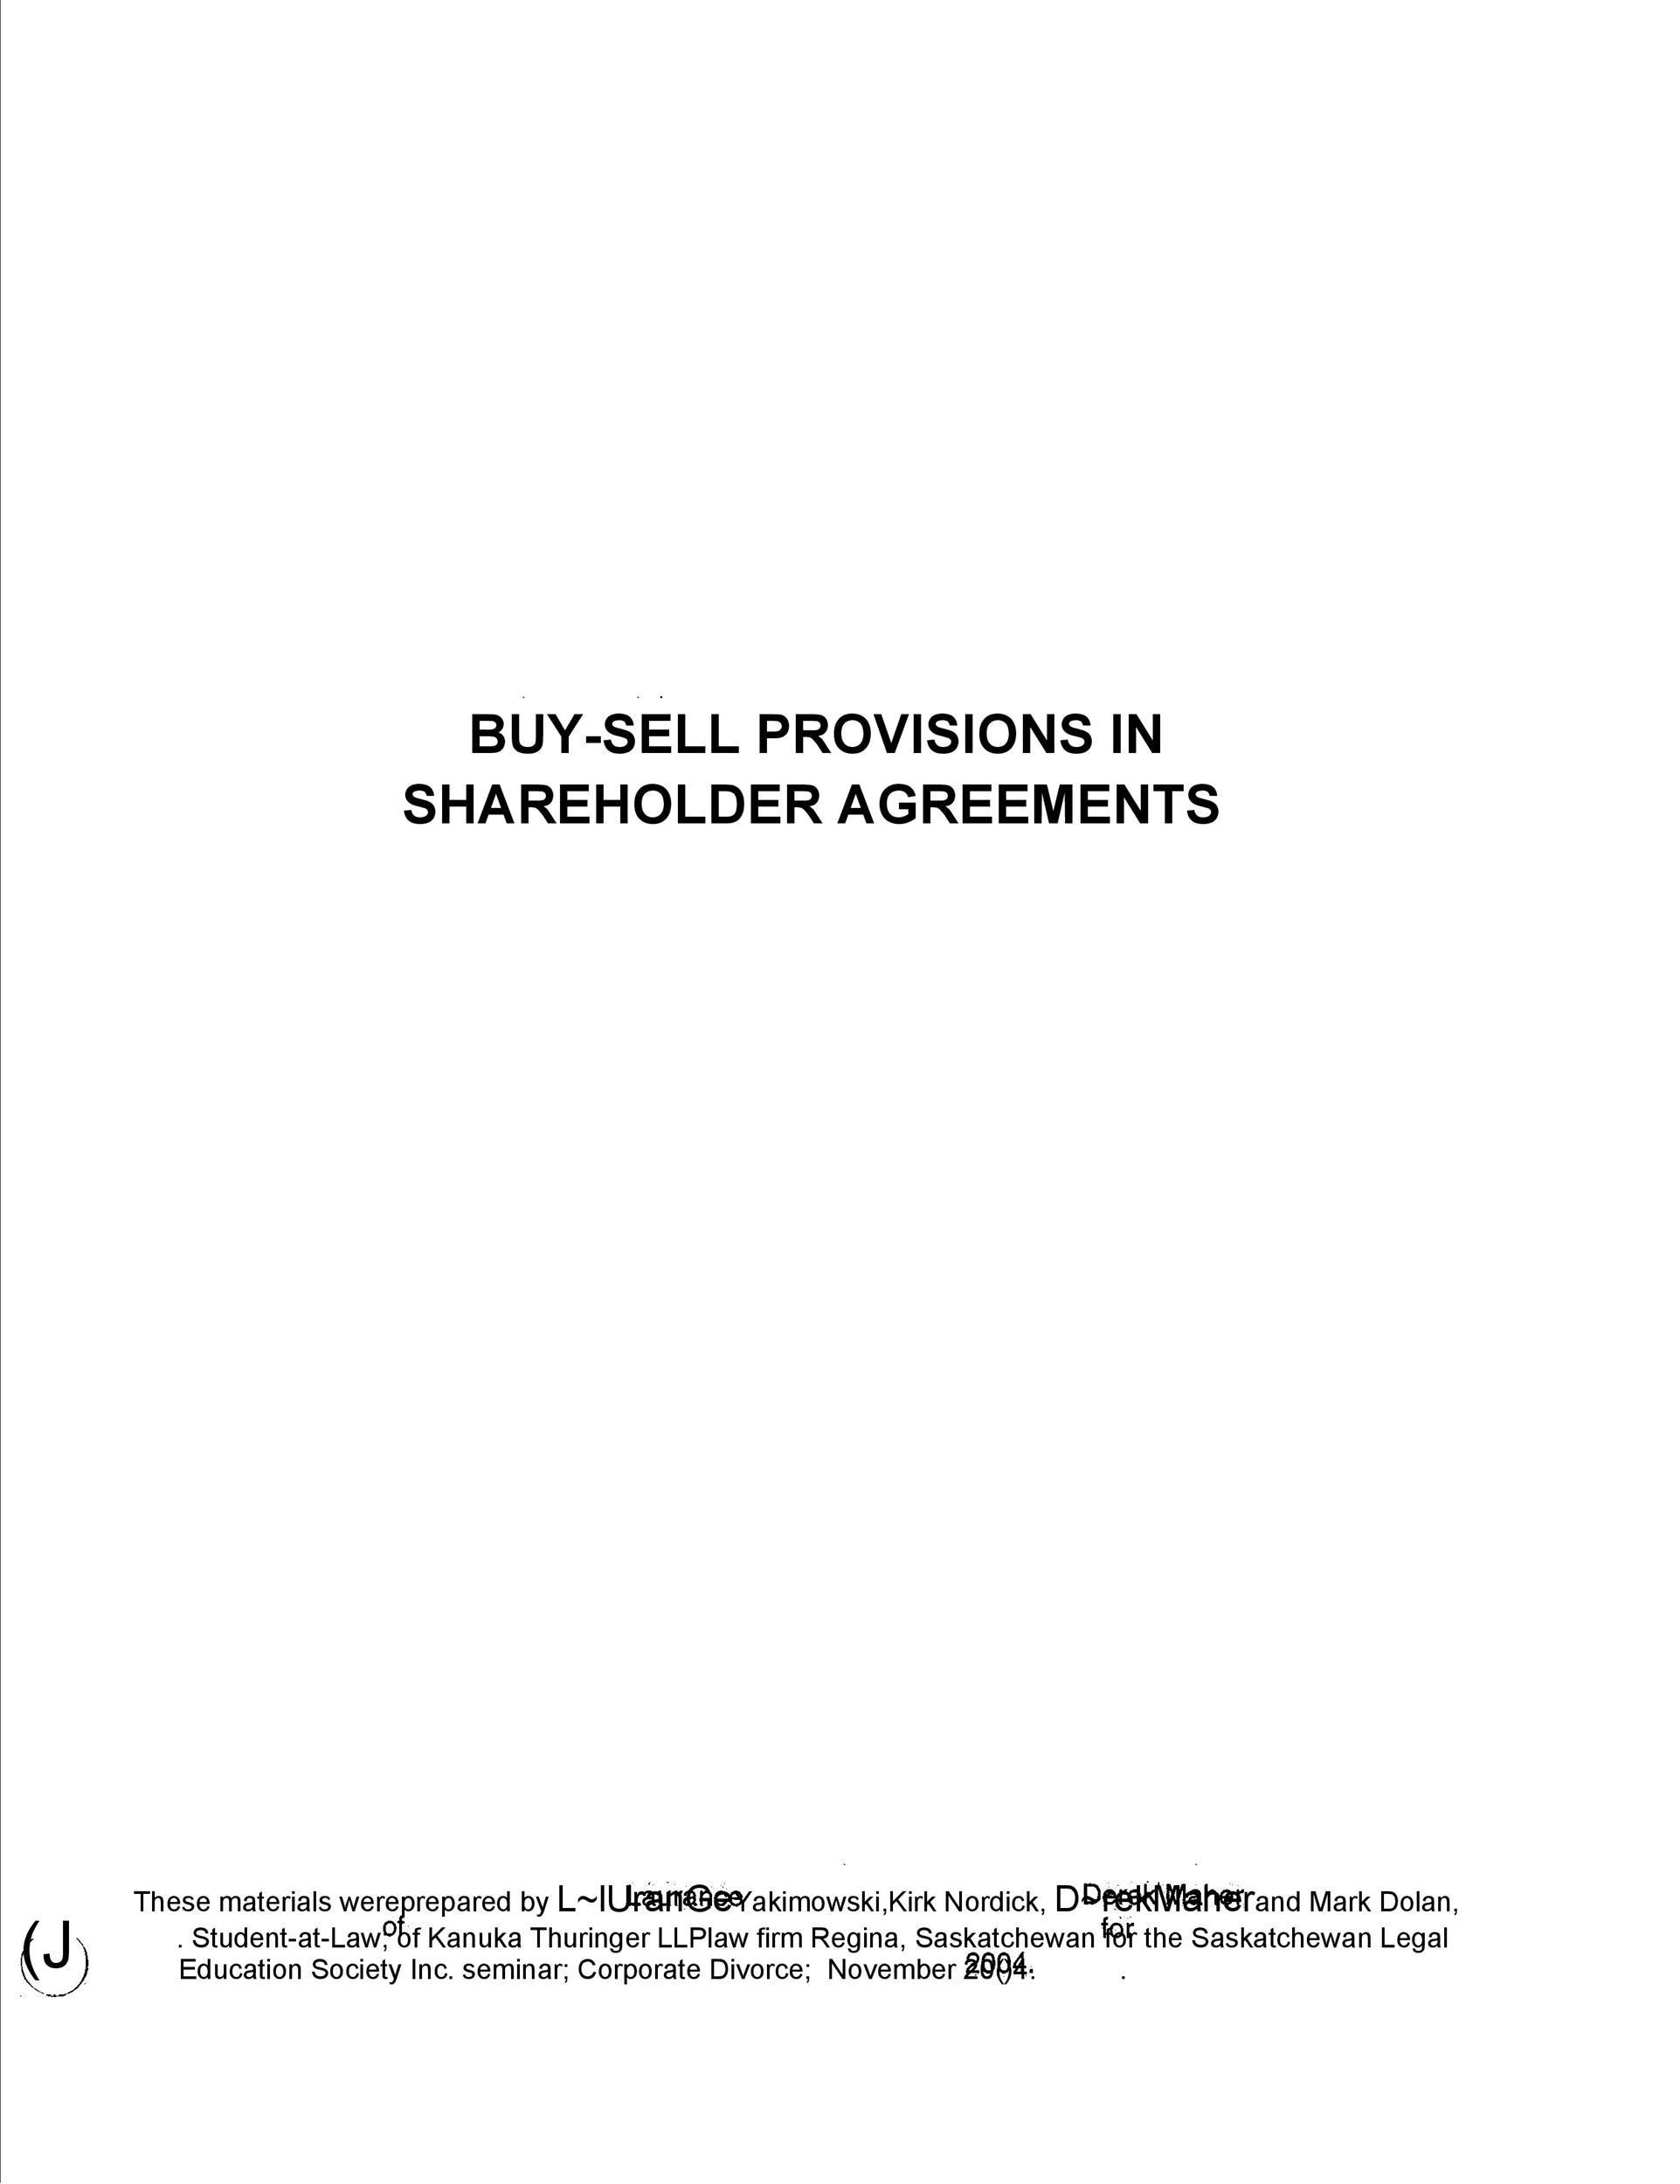 Free shareholder agreement 25